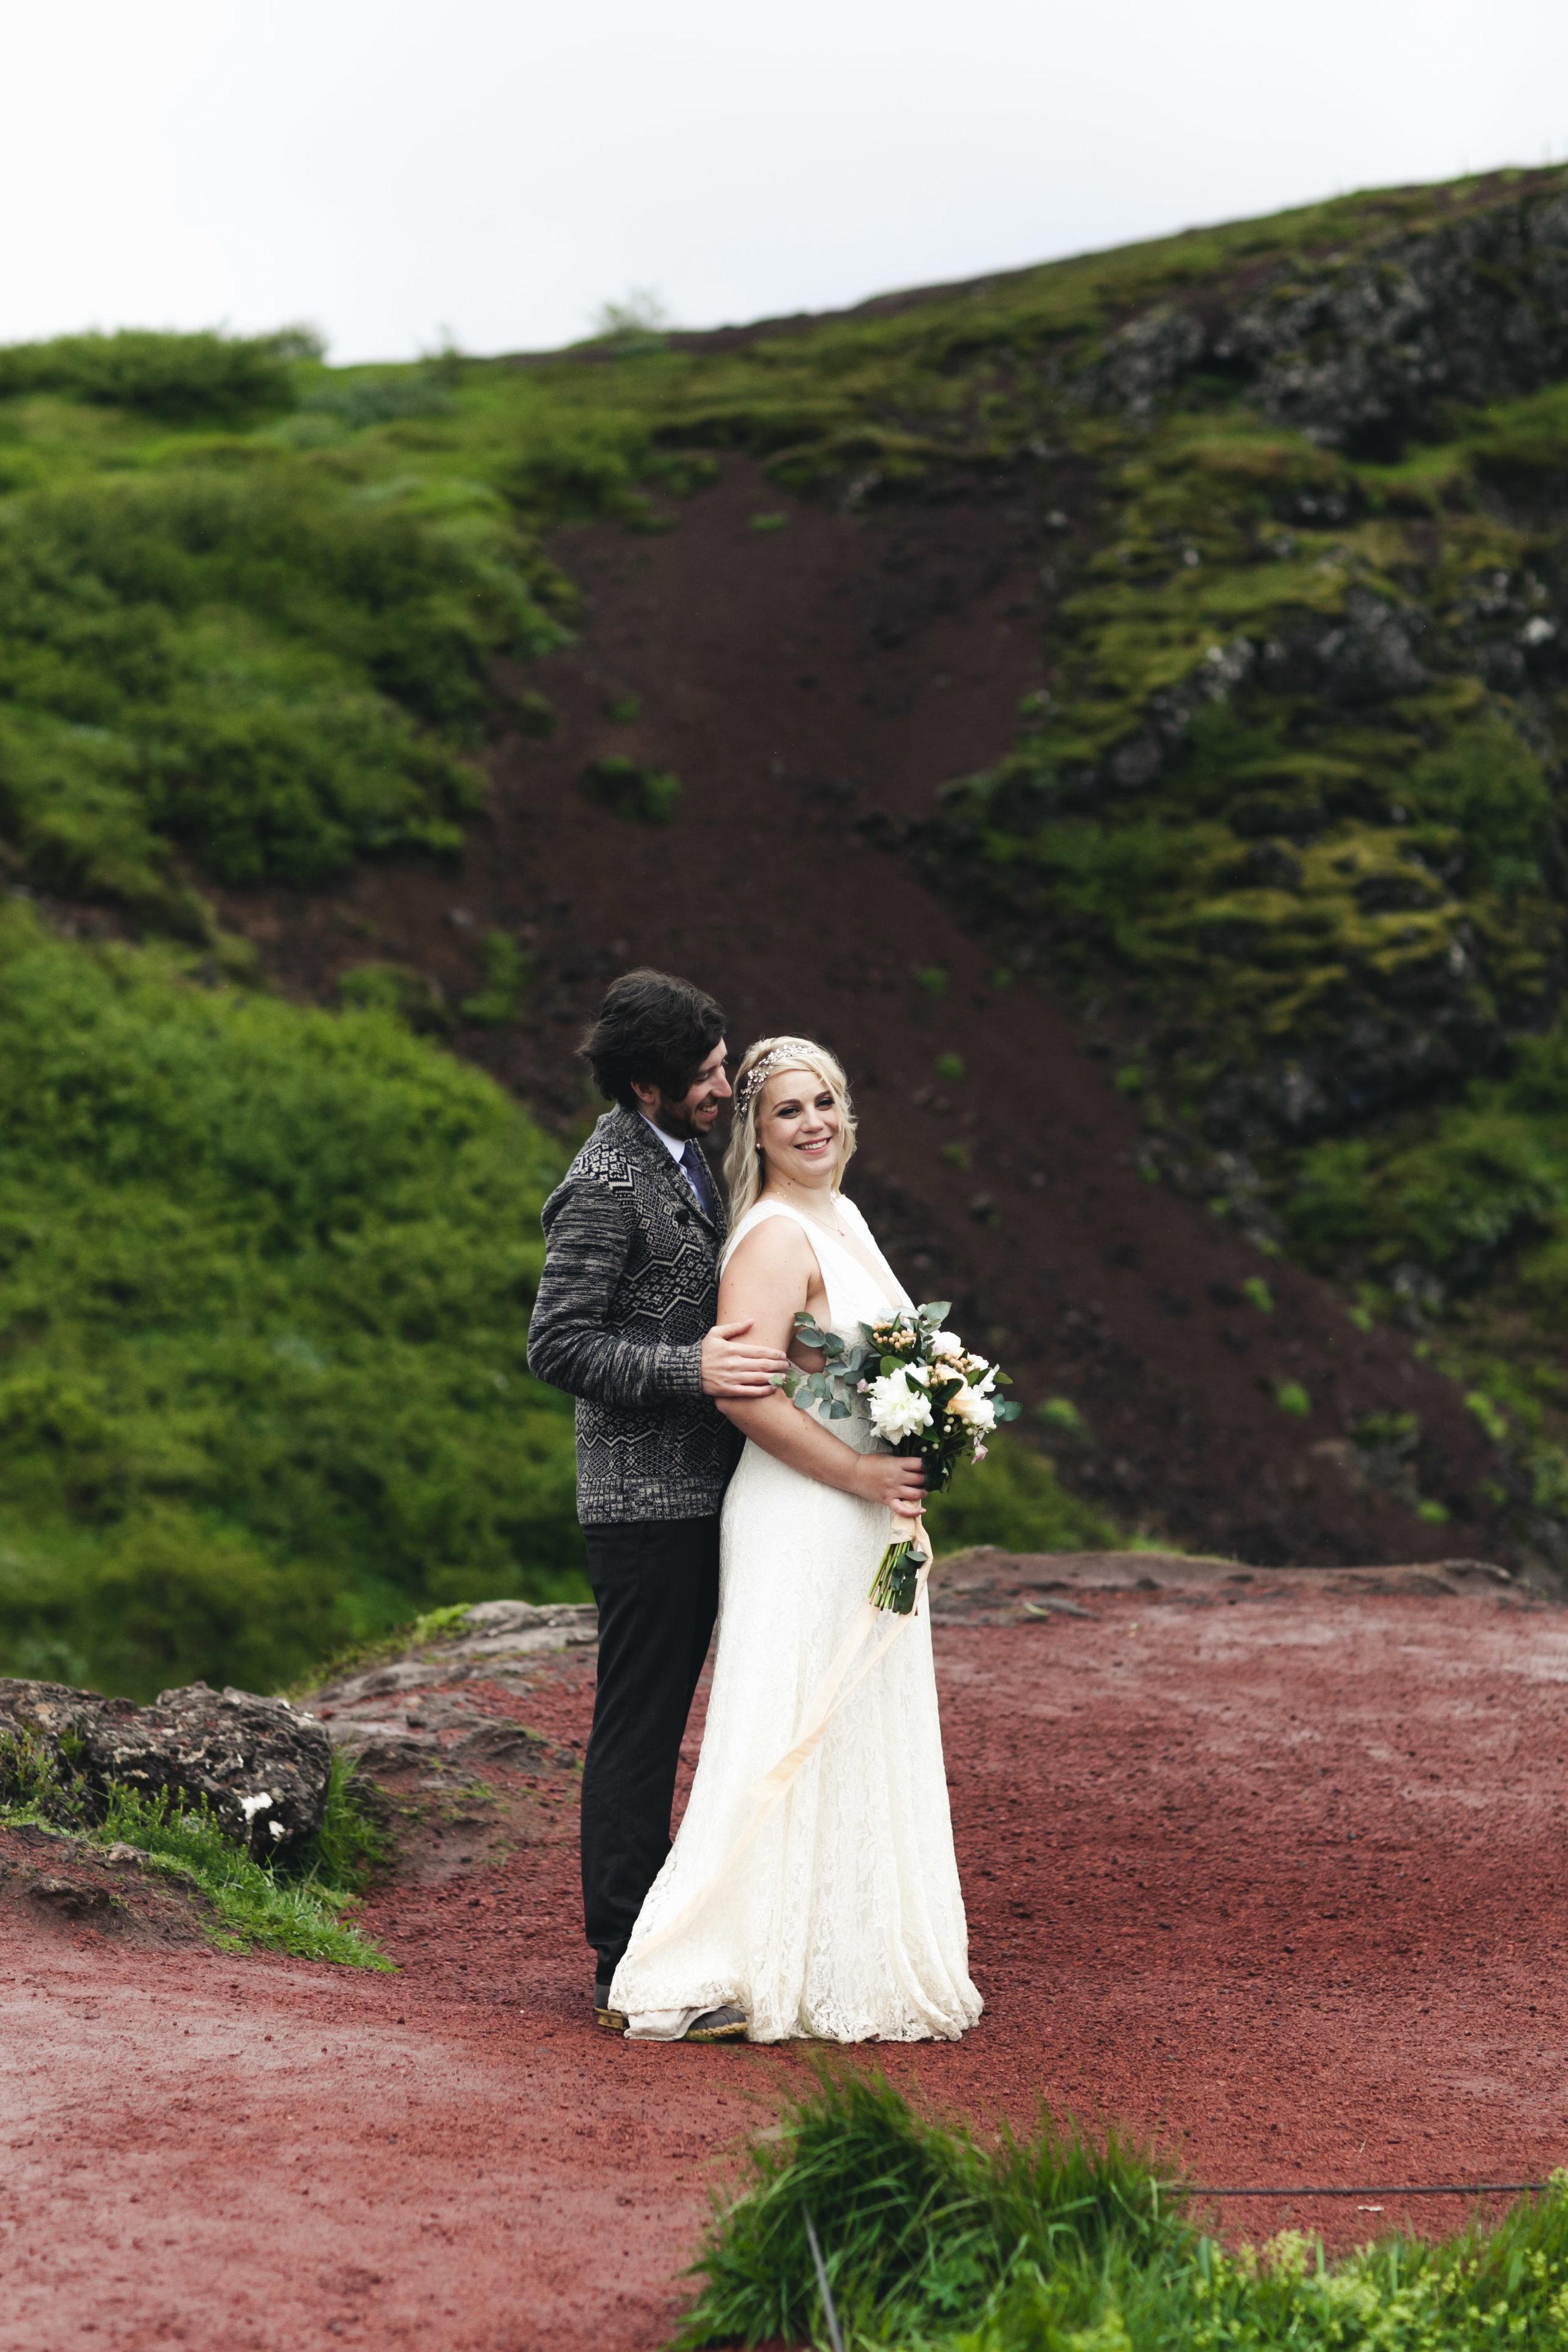 LisaDiederichPhotography_IcelandWedding_Kelsey&Zack-28.jpg